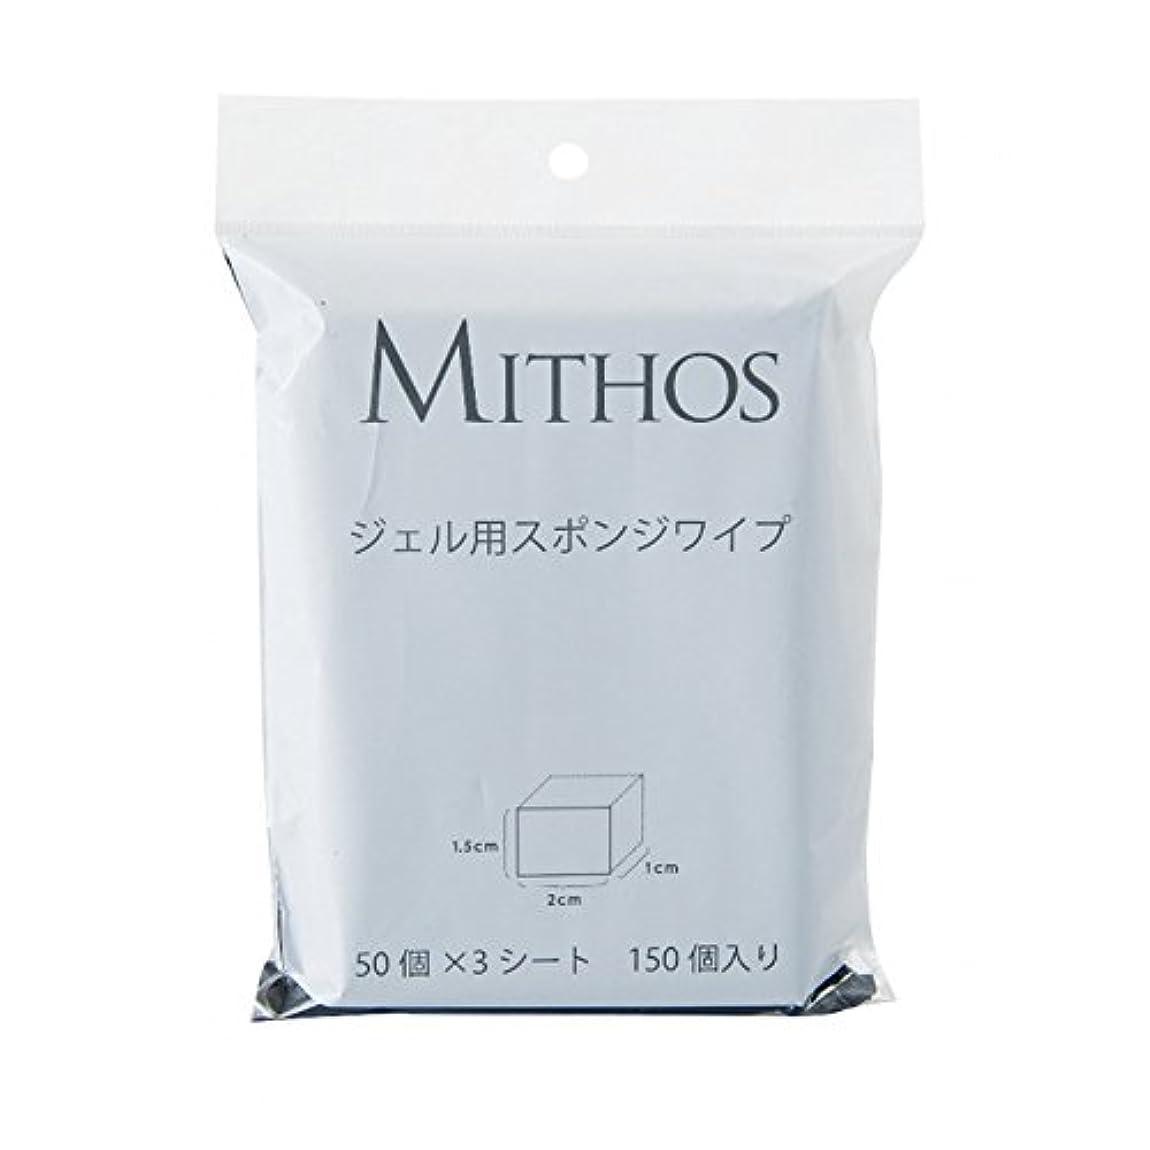 図書館可能性夕食を作るMITHOS ジェル用スポンジワイプ 150P 1.5×2×1cm 50個×3シート